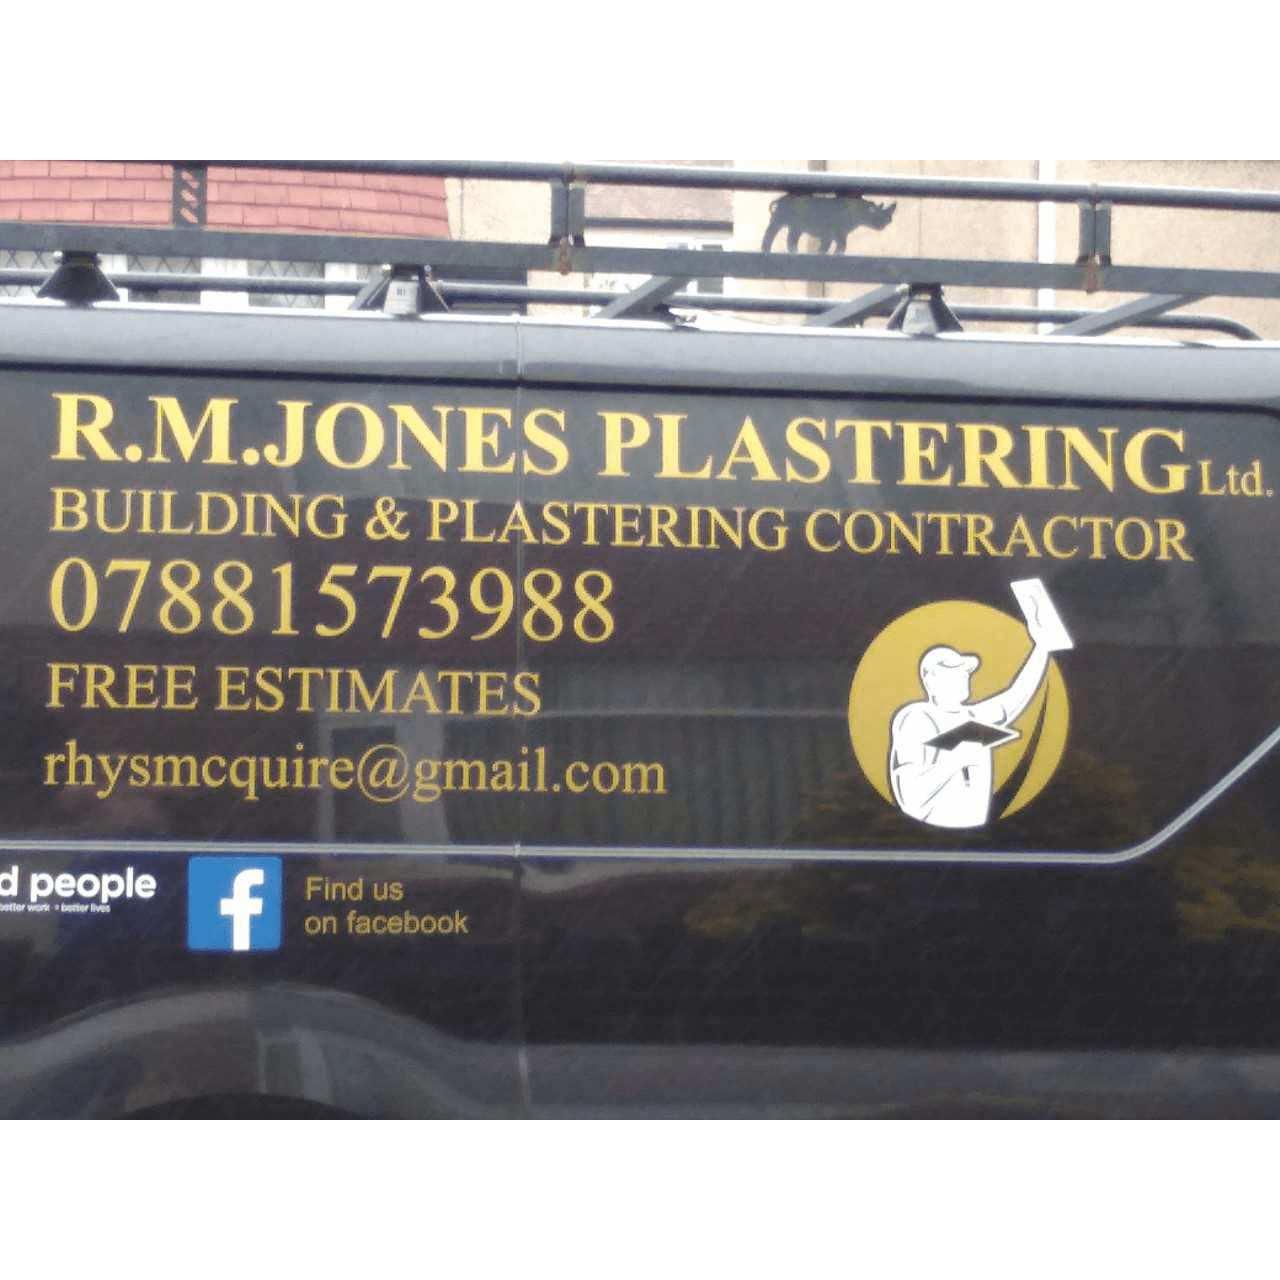 R M Jones Plastering & Building Contractor Ltd - Abergele, Gwynedd LL22 7NG - 07881 573988   ShowMeLocal.com